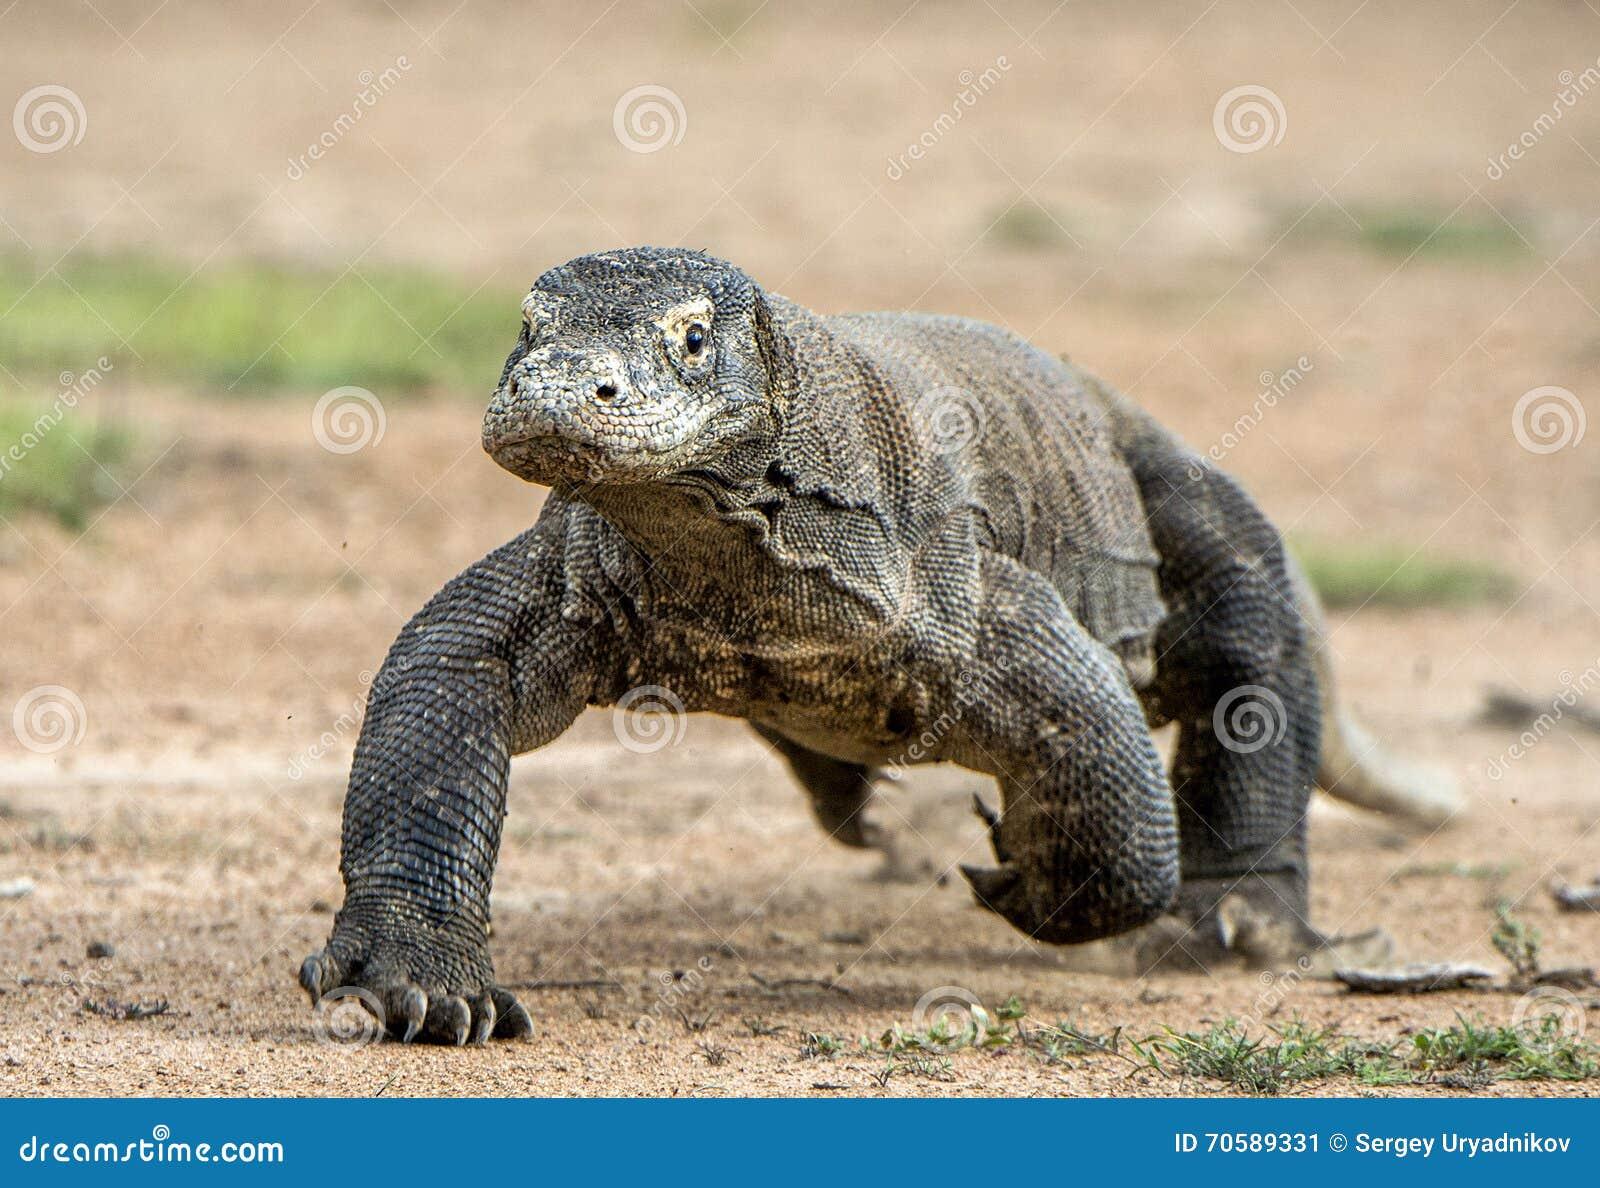 Ataque de un dragón de Komodo El dragón que corre en la arena El dragón de Komodo corriente (komodoensis del Varanus)